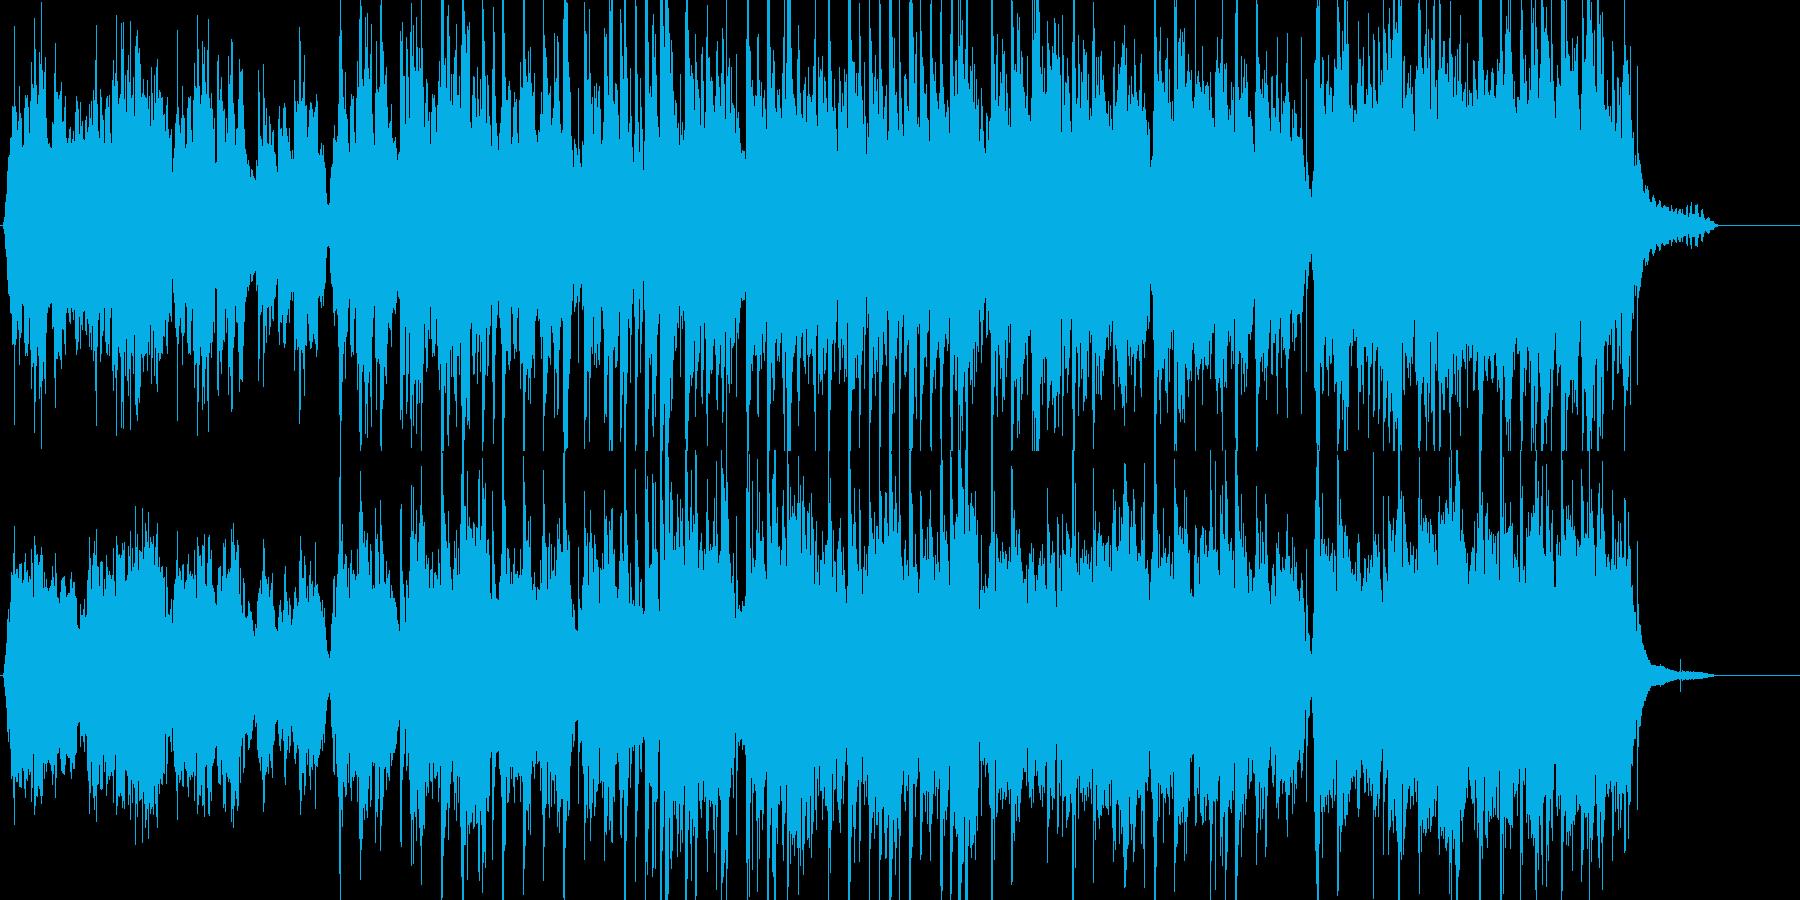 チェロとピアノによる叙情的な和風曲の再生済みの波形